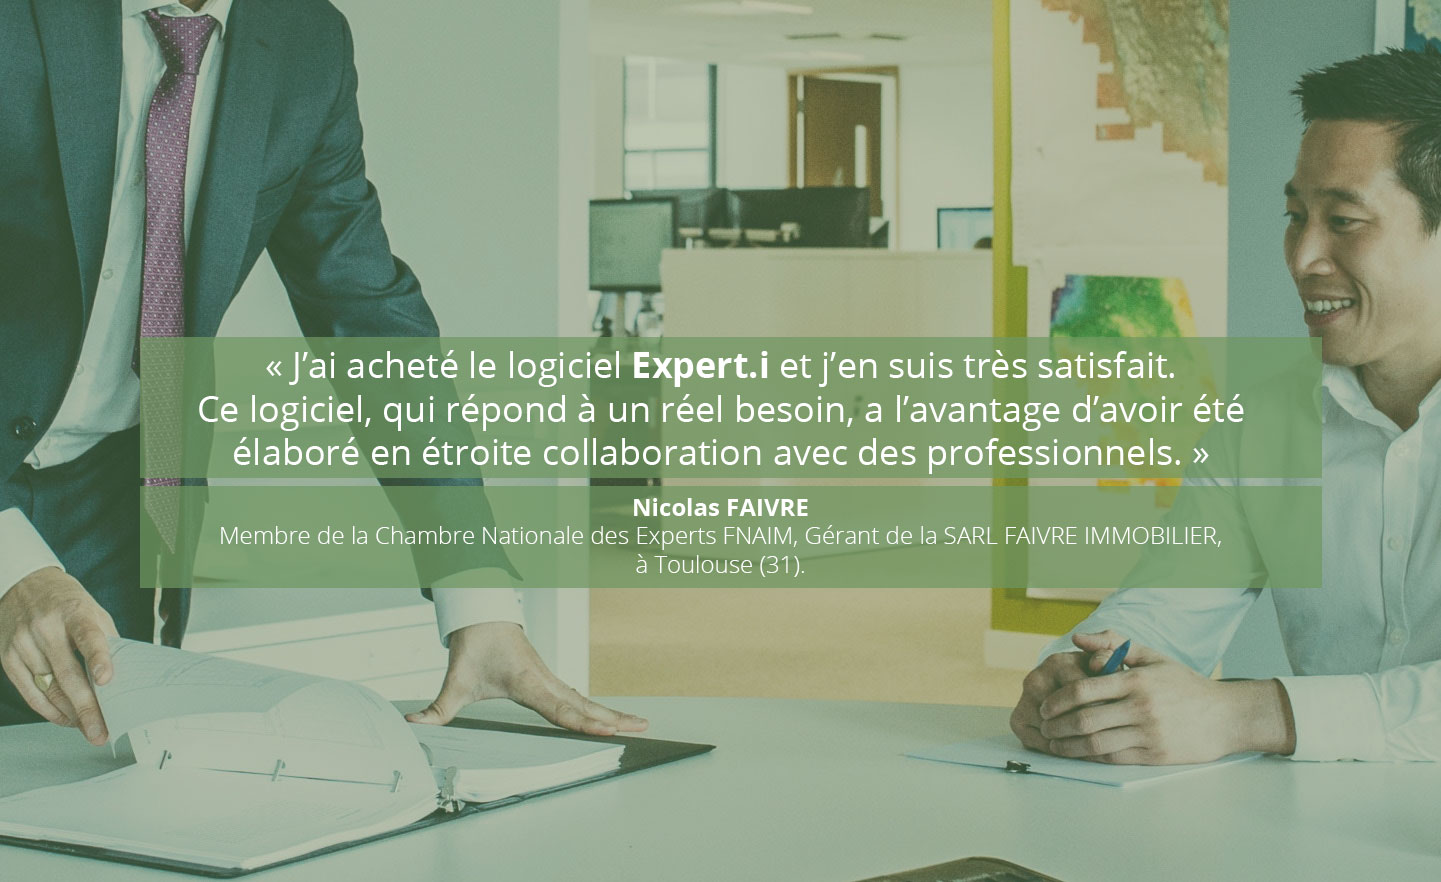 Expert.i Témoignage 2/3 « J'ai acheté le logiciel Expert.i et j'en suis très satisfait. Ce logiciel, qui répond à un réel besoin, a l'avantage d'avoir été élaboré en étroite collaboration avec des professionnels. » Nicolas FAIVRE. Membre de la Chambre Nationale des Experts FNAIM, Gérant de la SARL FAIVRE IMMOBILIER, à Toulouse (31).